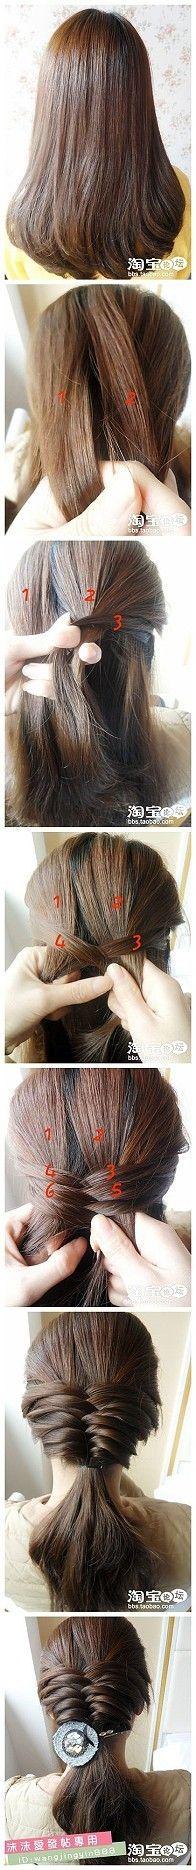 braids...